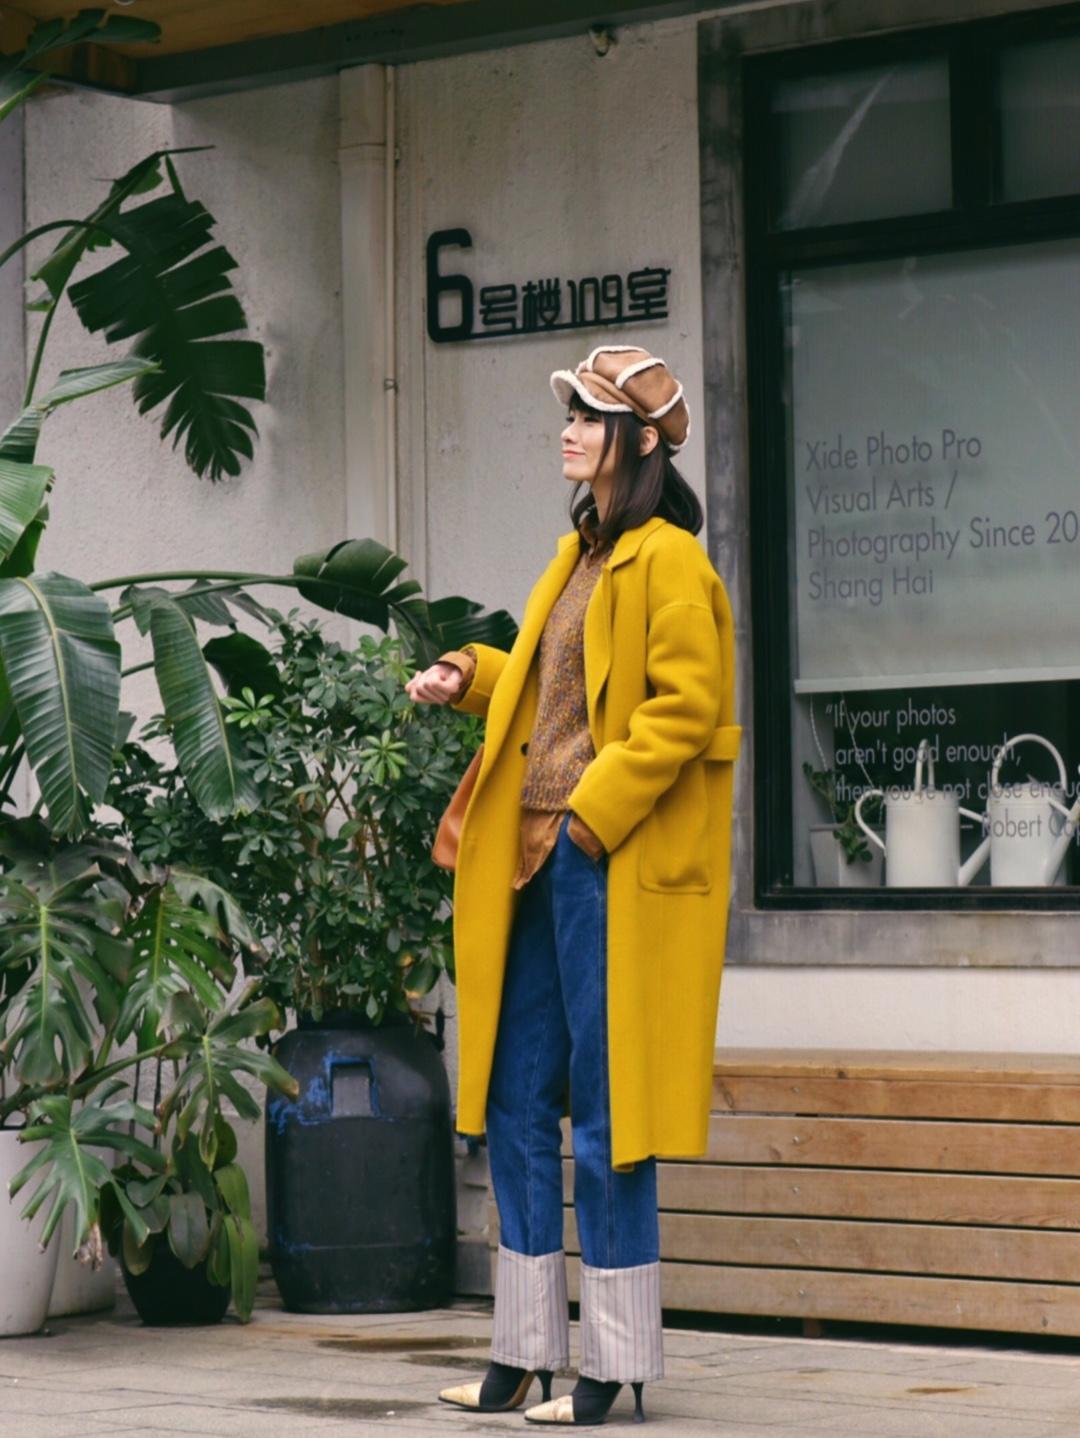 元气满满的黄色系叠搭大法~ 今天这身是黄色驼色系,一共三个层次,用长款衬衣搭配短款毛衣,露出一截边边会更有休闲感哦,黄色大衣非常显白提气色,整体的色系又和和谐统一。  #叠穿大法,要温度更要有风度#